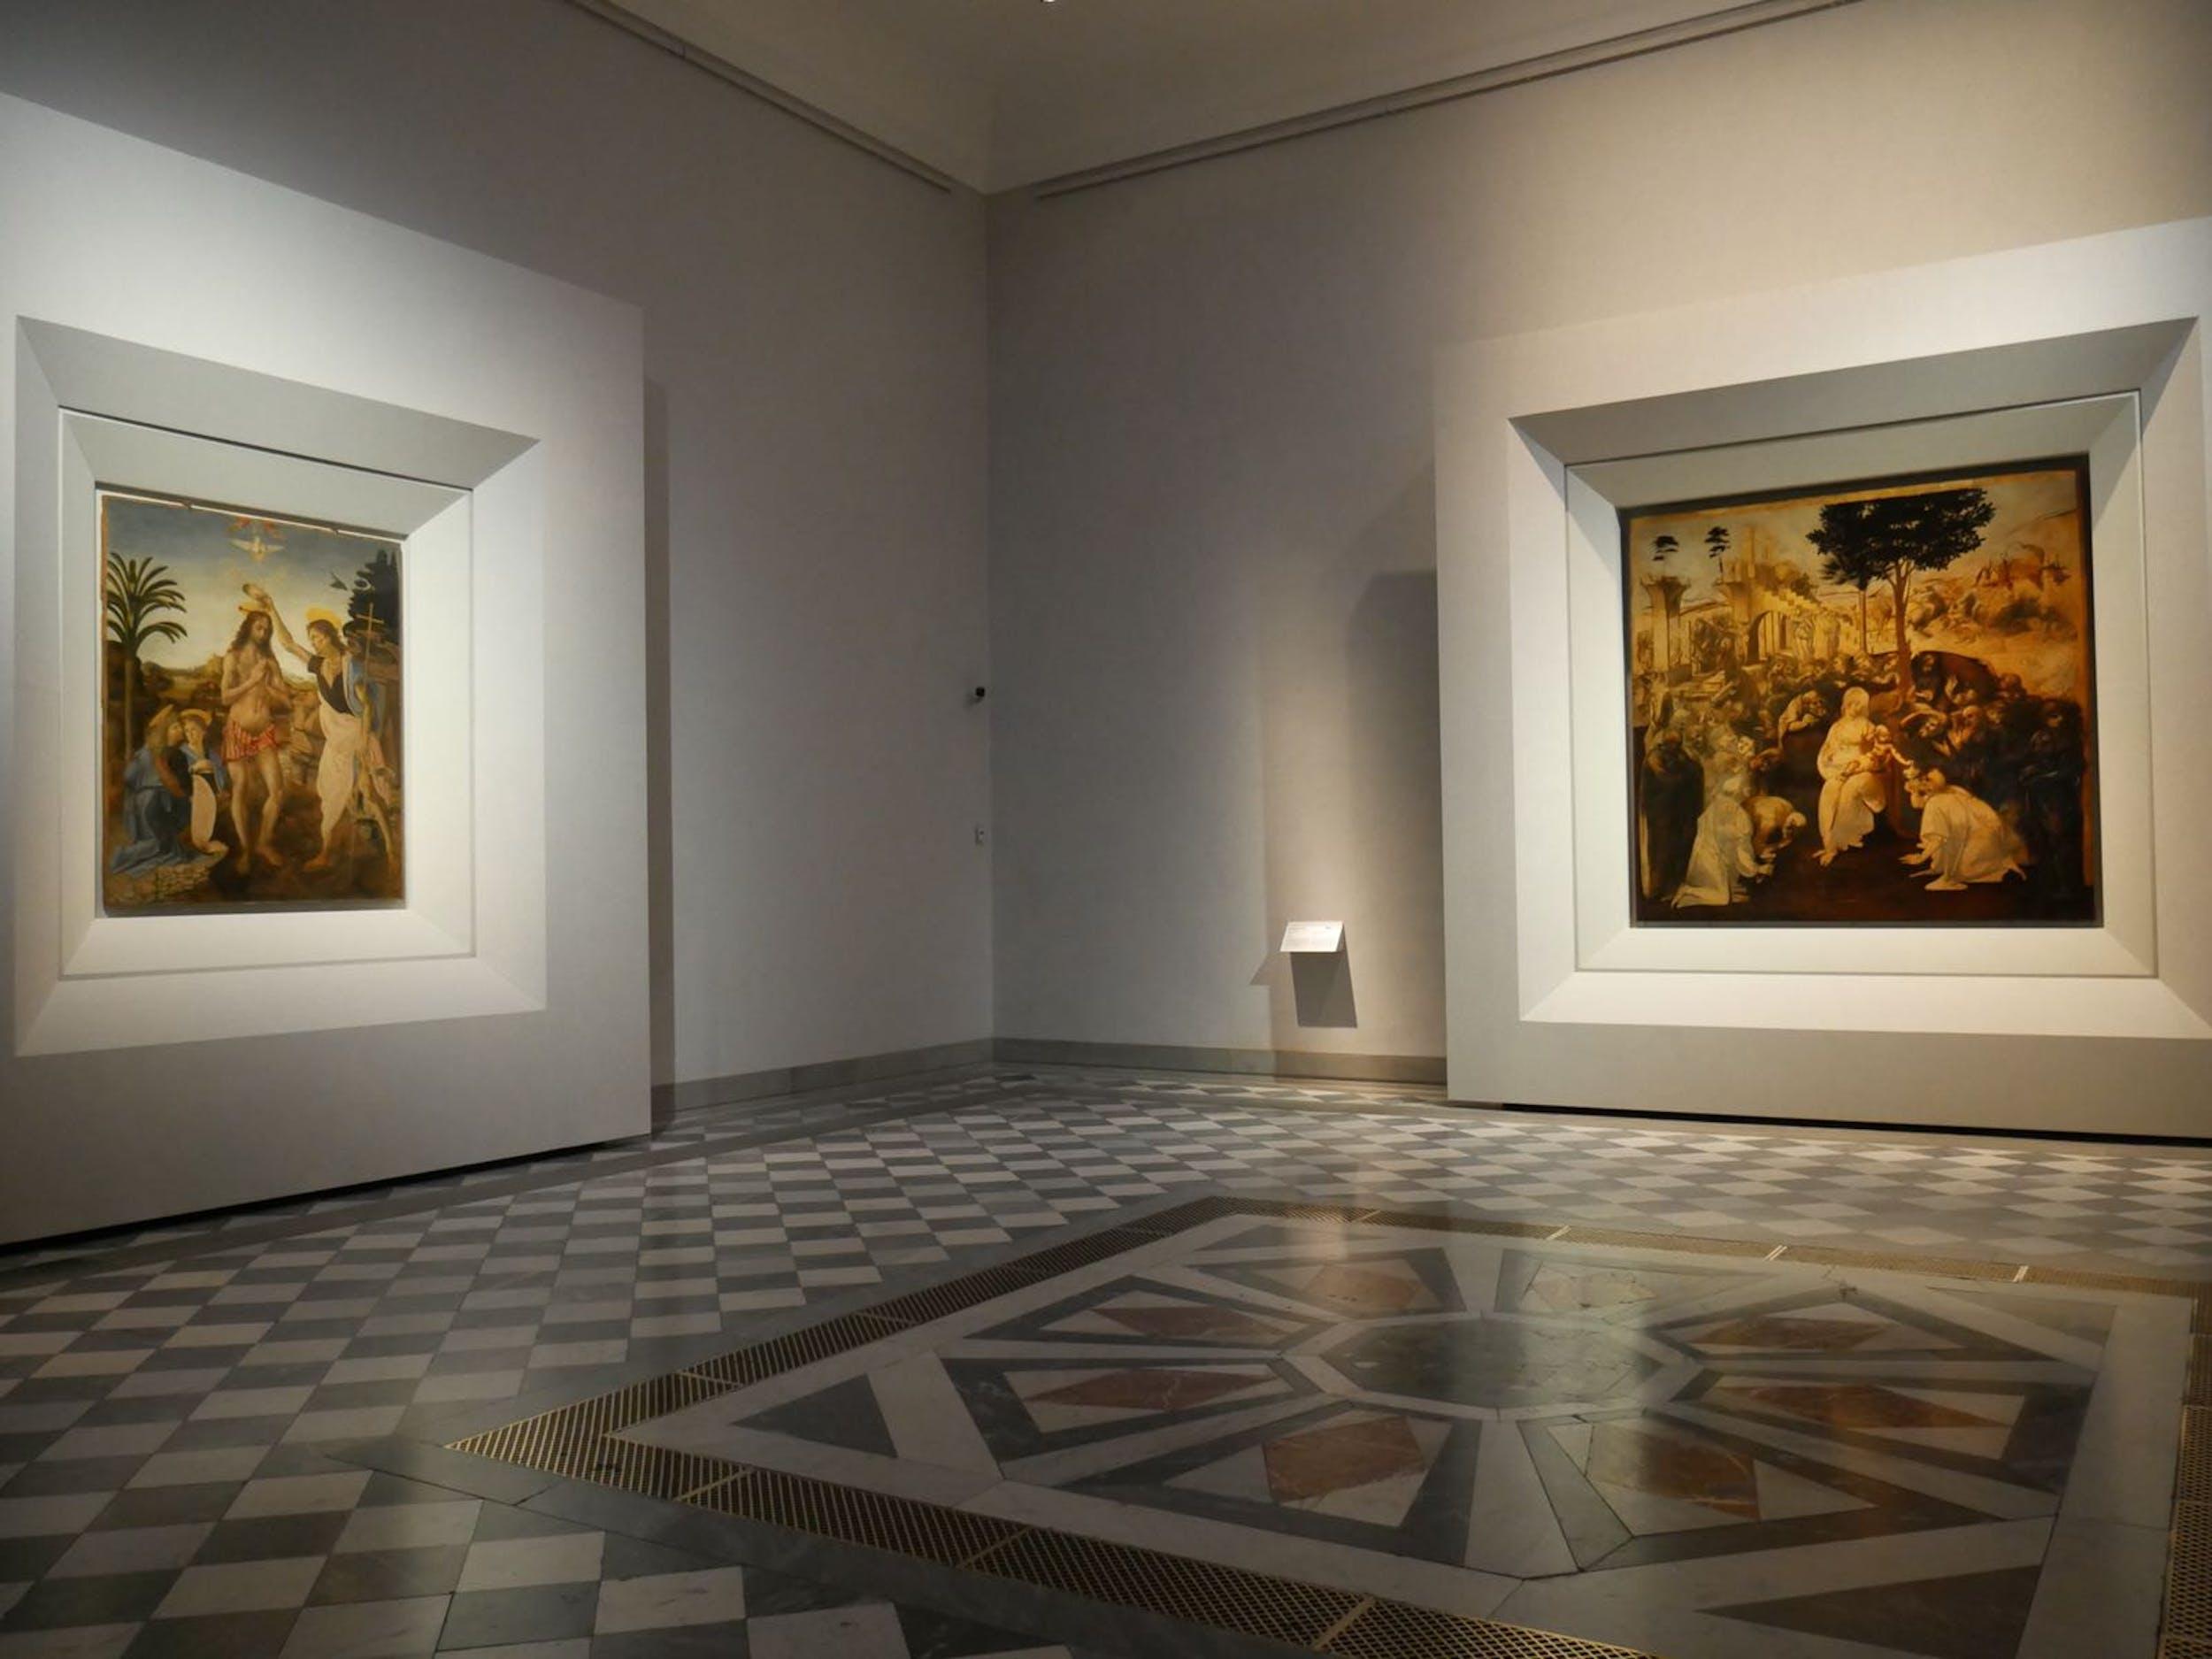 Sala 35 - Nuova sala di Leonardo